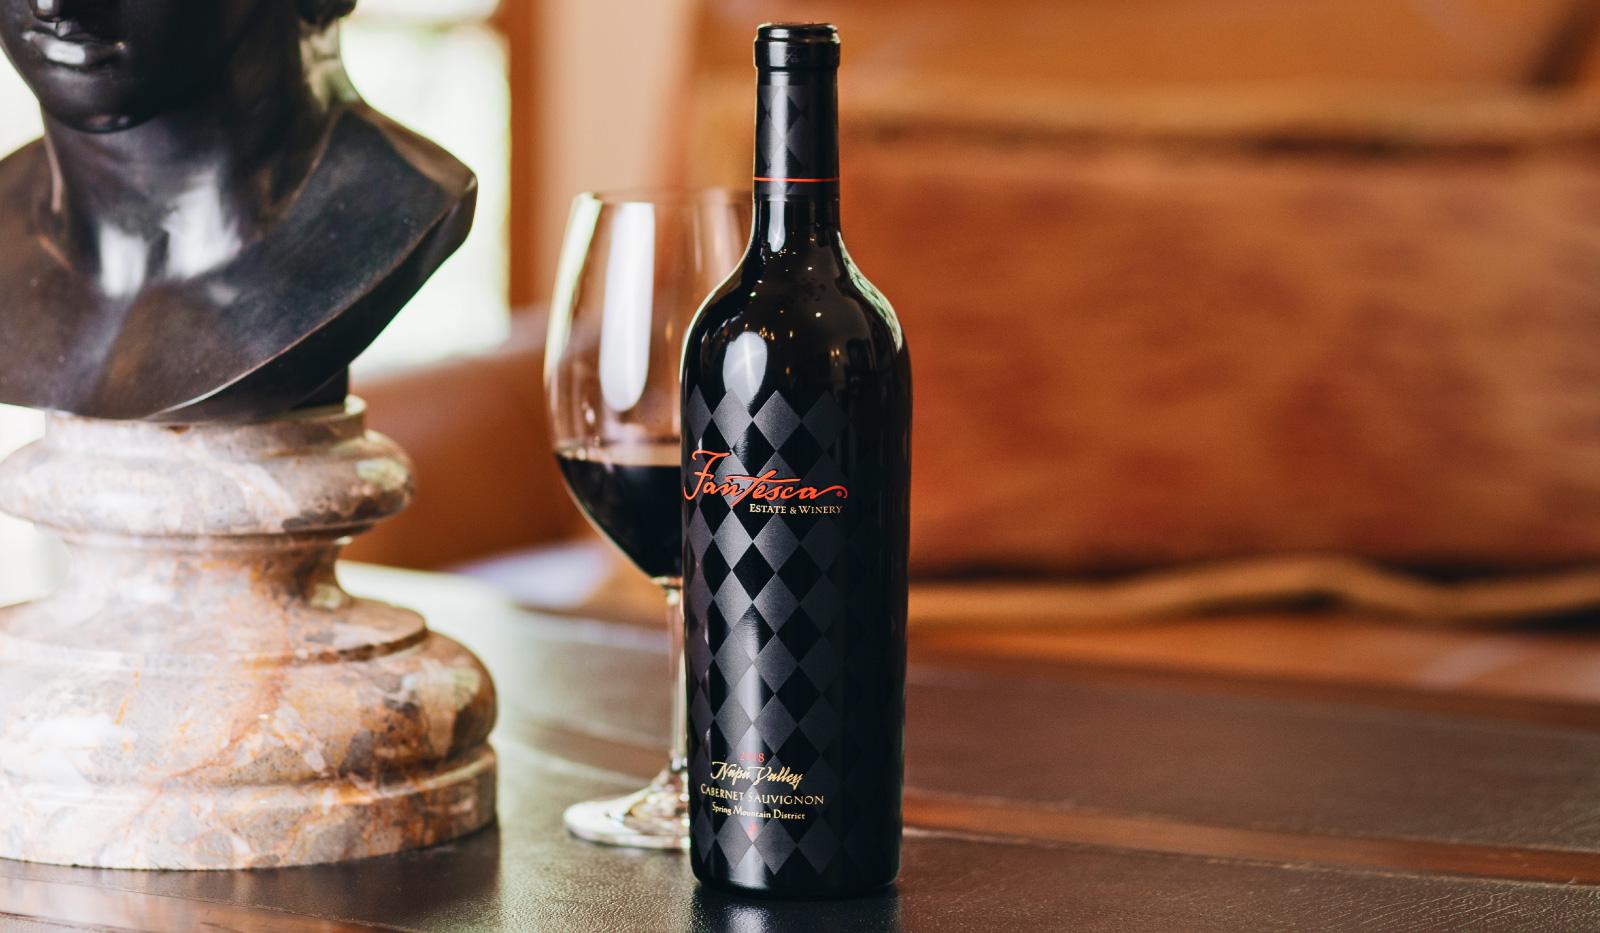 Fantesca wine bottle